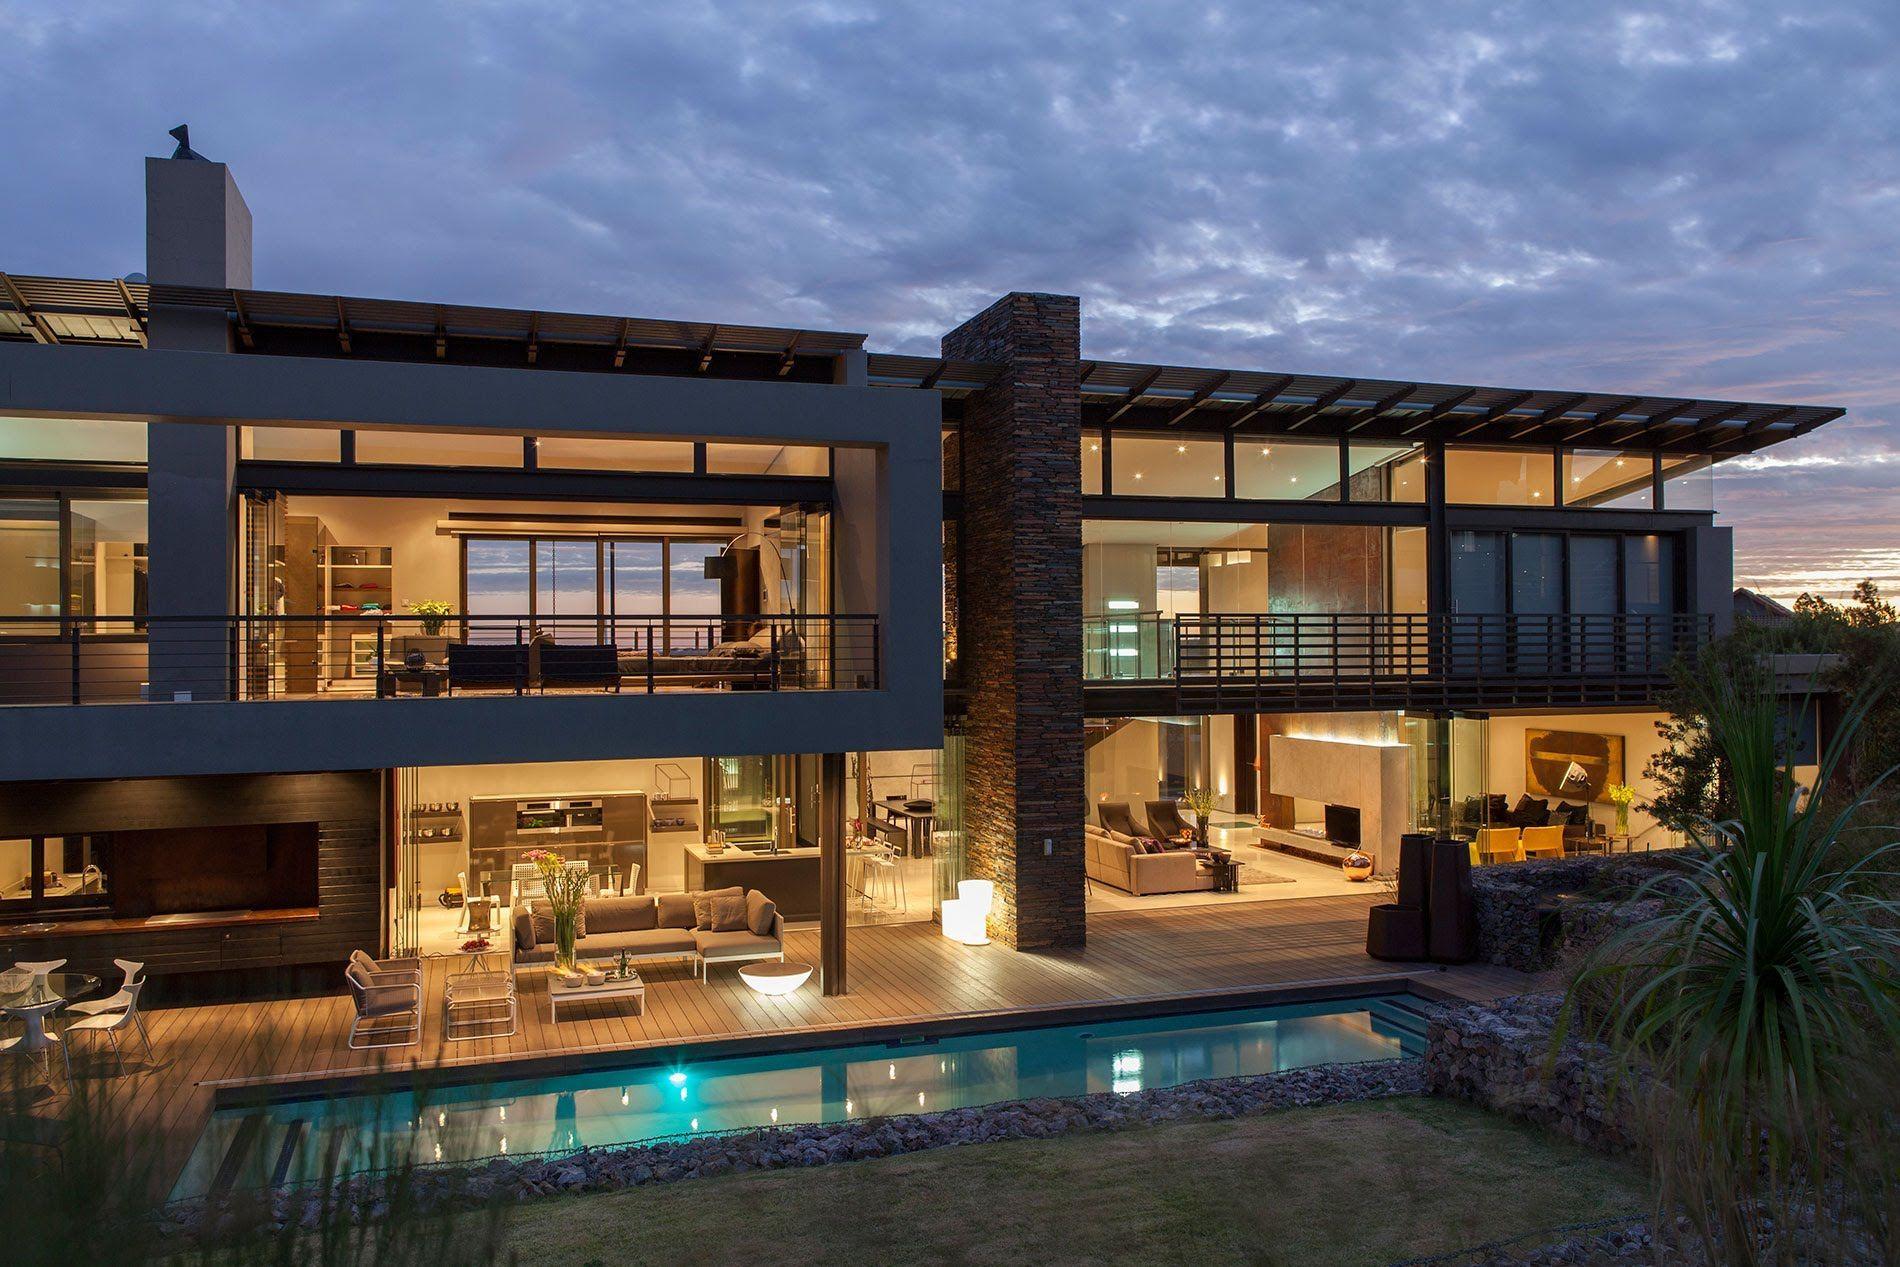 Residential Attitudes